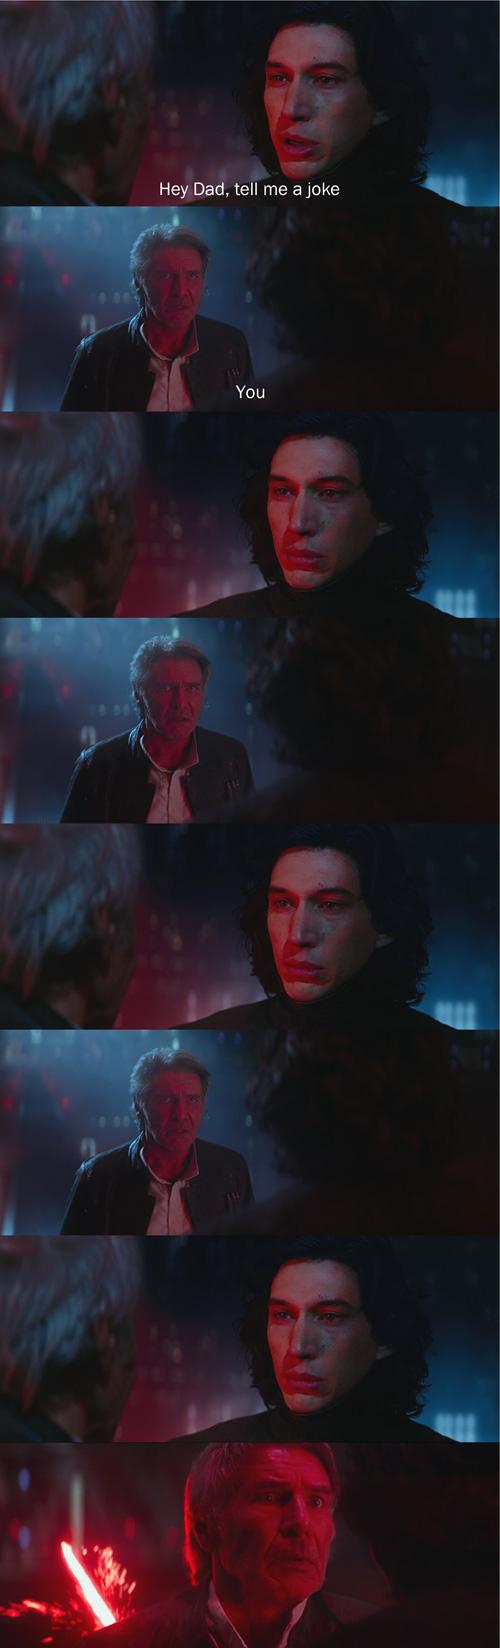 Han Solo's Dad Jokes [Pics]